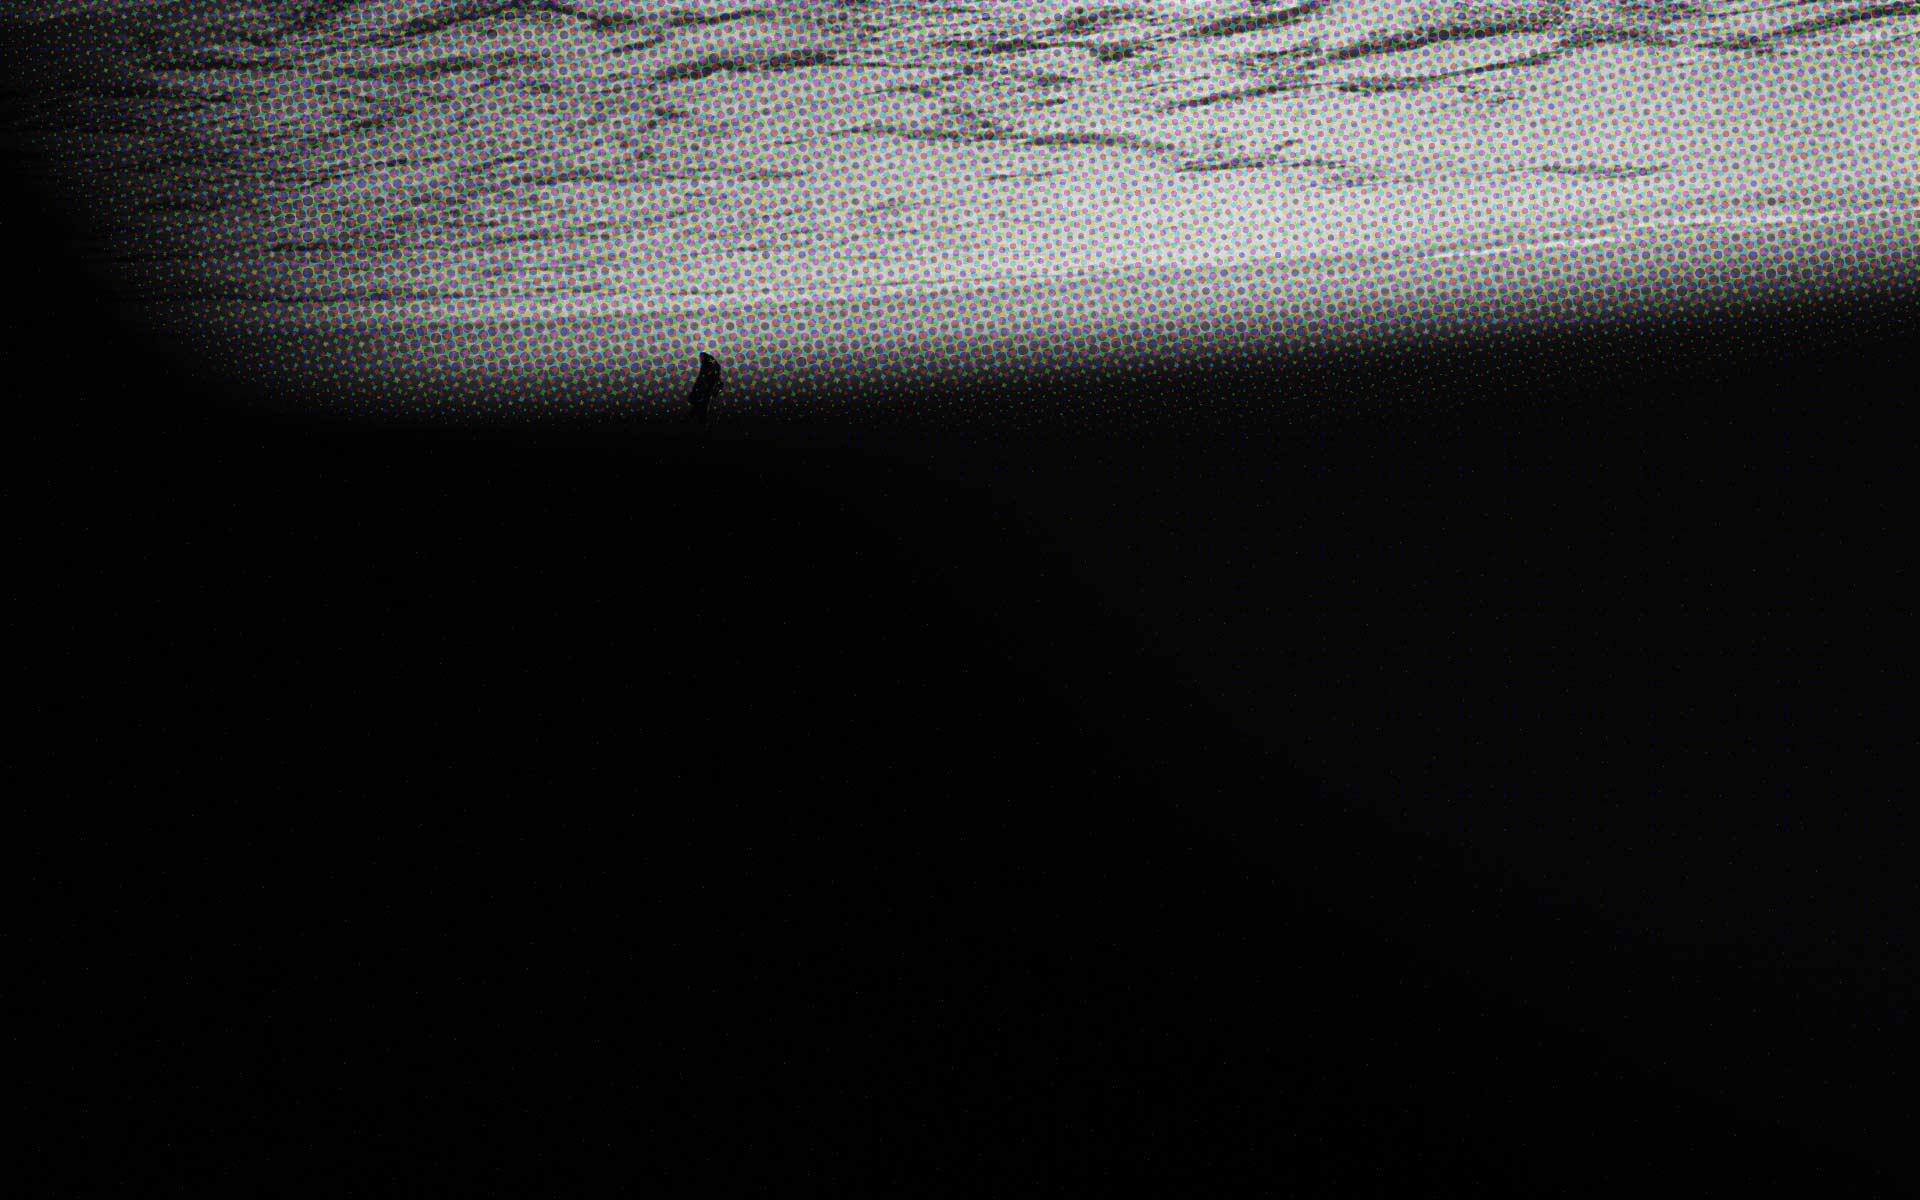 【シリーズ・都市伝説】地球外生命体の監視衛星?「ブラックナイト衛星」